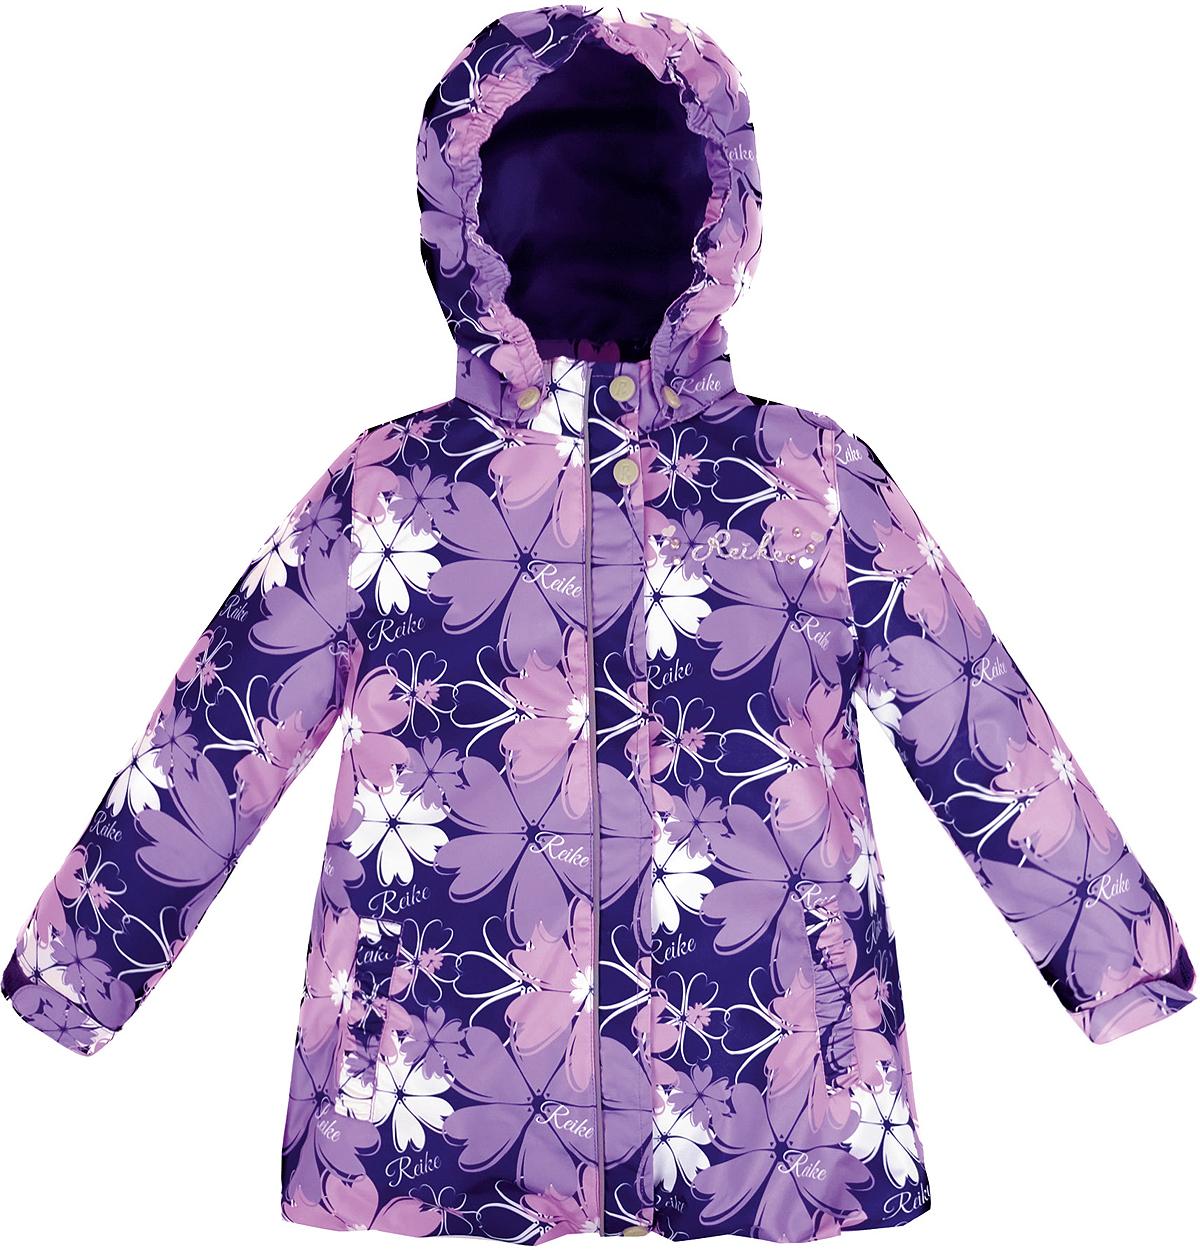 Куртка для девочки Reike Космея, цвет: фиолетовый. 36946335. Размер 110, 5 лет36 946 335_Cosmei violetСтильная куртка для девочки Reike Космея выполнена из ветрозащитного, водоотталкивающего и дышащего материала с подкладкой из микрофлиса, обеспечивающей дополнительный комфорт. Модель с воротником-стойкой, защищающим от ветра, застегивается на молнию с ветрозащитной планкой на кнопках и оформлена цветочным принтом в стиле серии. Манжеты рукавов на резинке дополнительно регулируются с помощью липучек. Модель дополнена съемным капюшоном, утянутым резинкой, двумя прорезными карманами, утяжкой по низу изделия и светоотражающими элементами. На груди куртка декорирована серебристой вышивкой и стразами. Особенности изделия:- базовый уровень; - коэффициент воздухопроницаемости: 2000гр/м2/24 ч;- водоотталкивающее покрытие: 2000 мм.